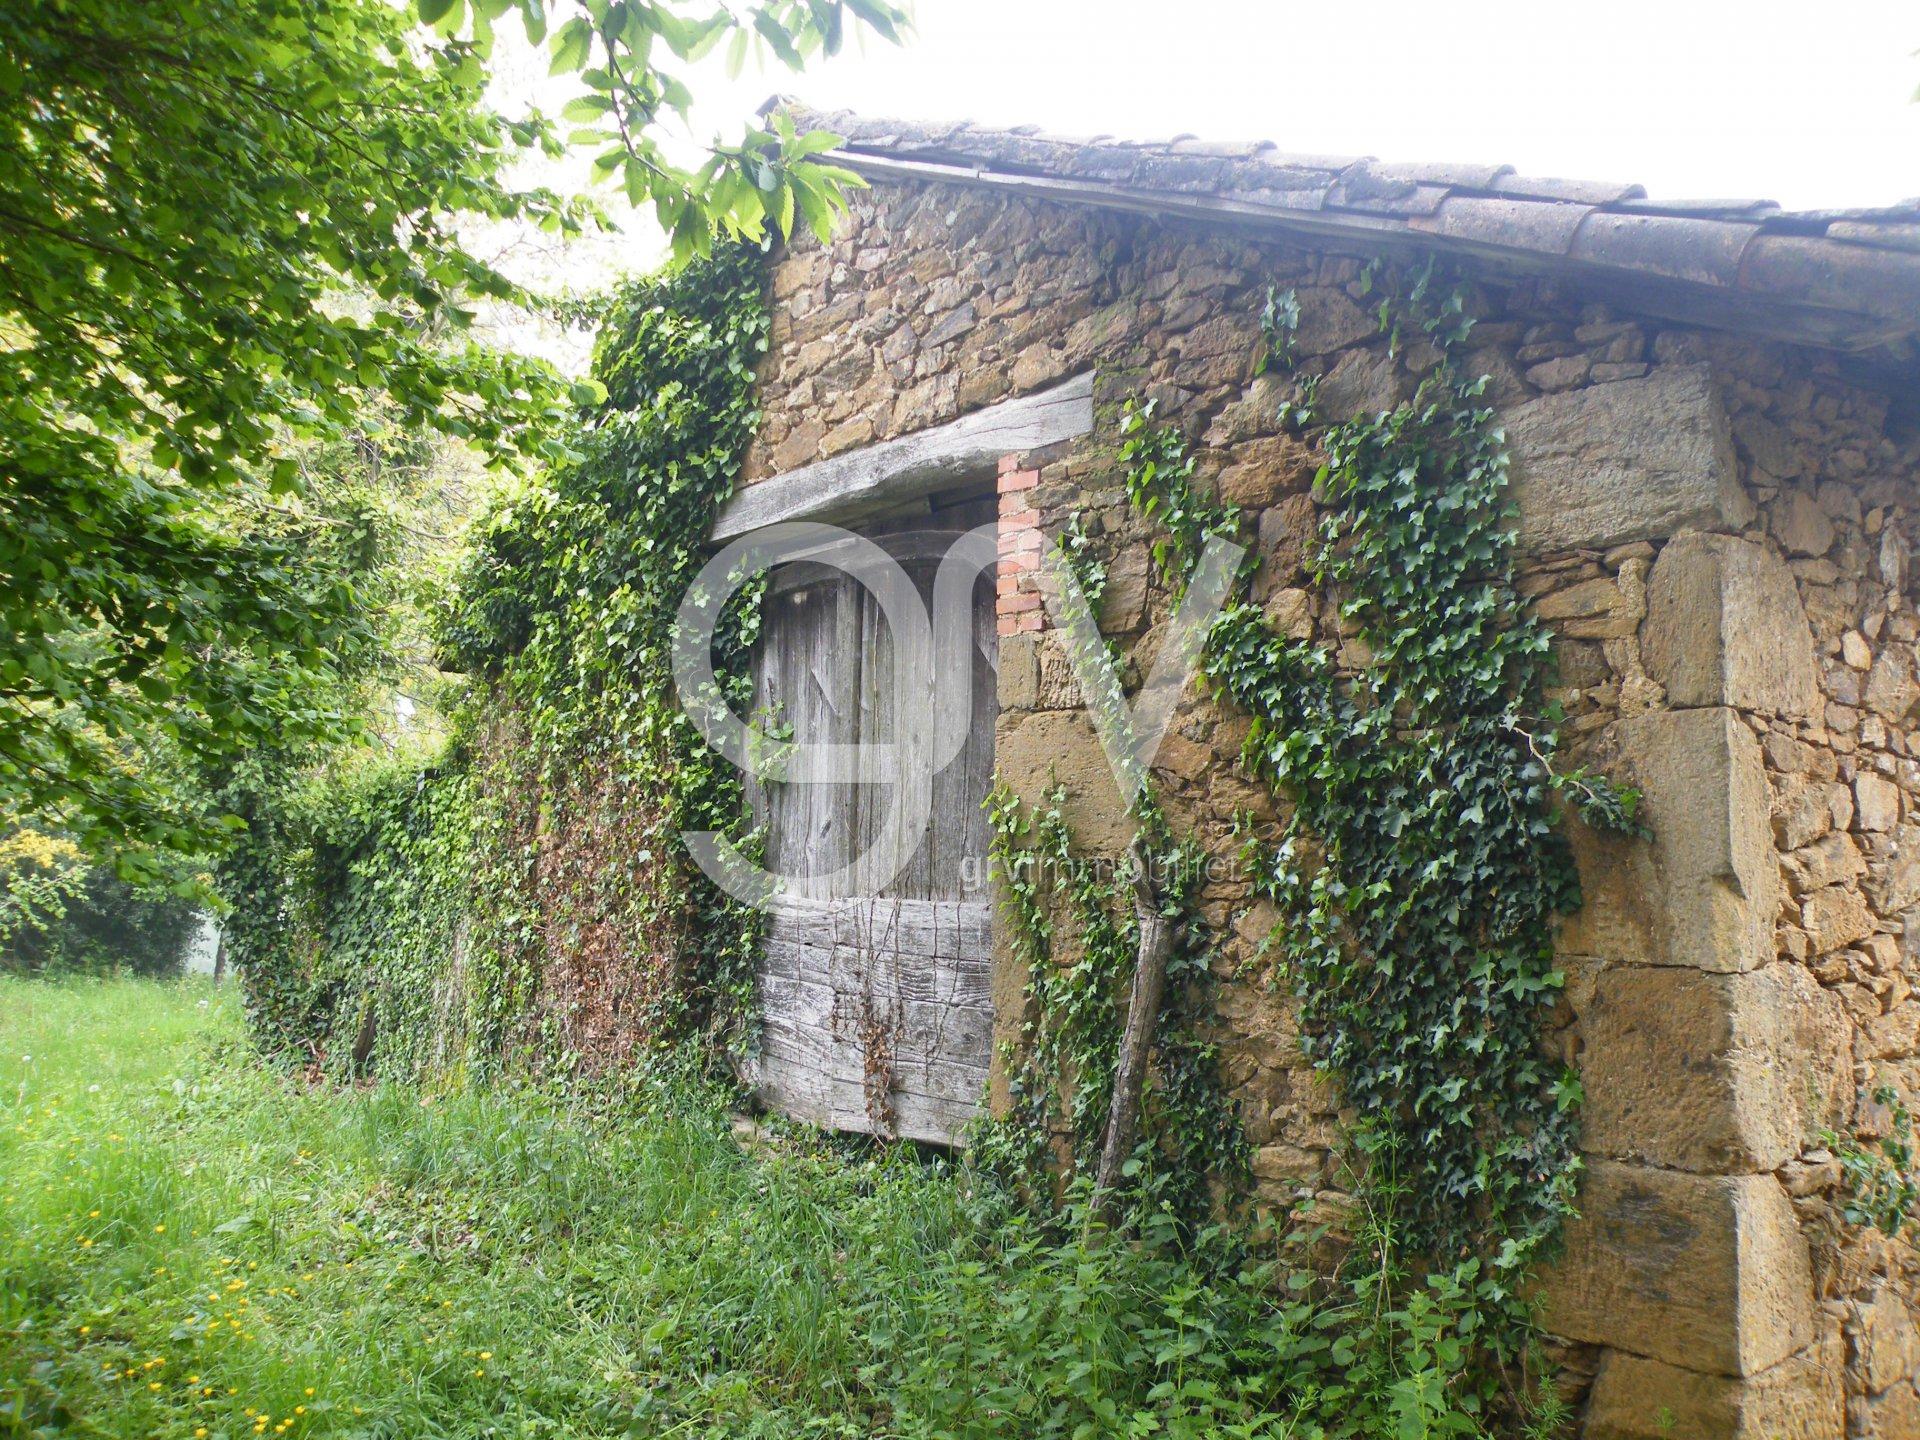 Petit corps de ferme typique châtaigneraie cantalienne à restaurer